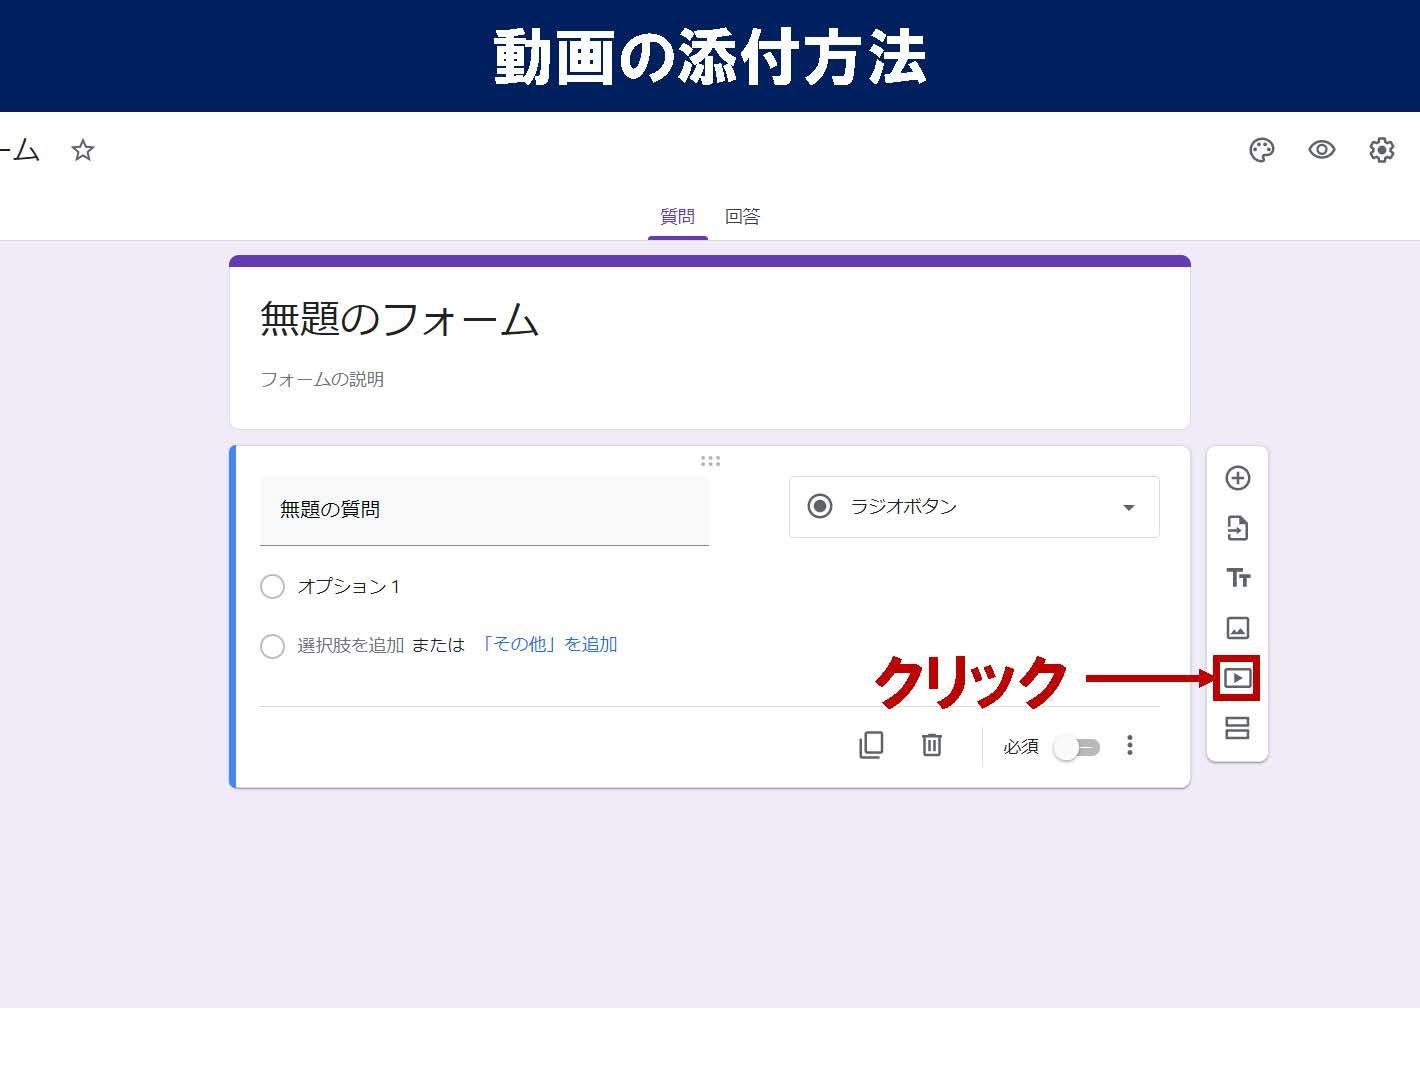 http://igs-kankan.com/article/1cef780a5f396826ea54f2b9def728d643f9caba.jpg